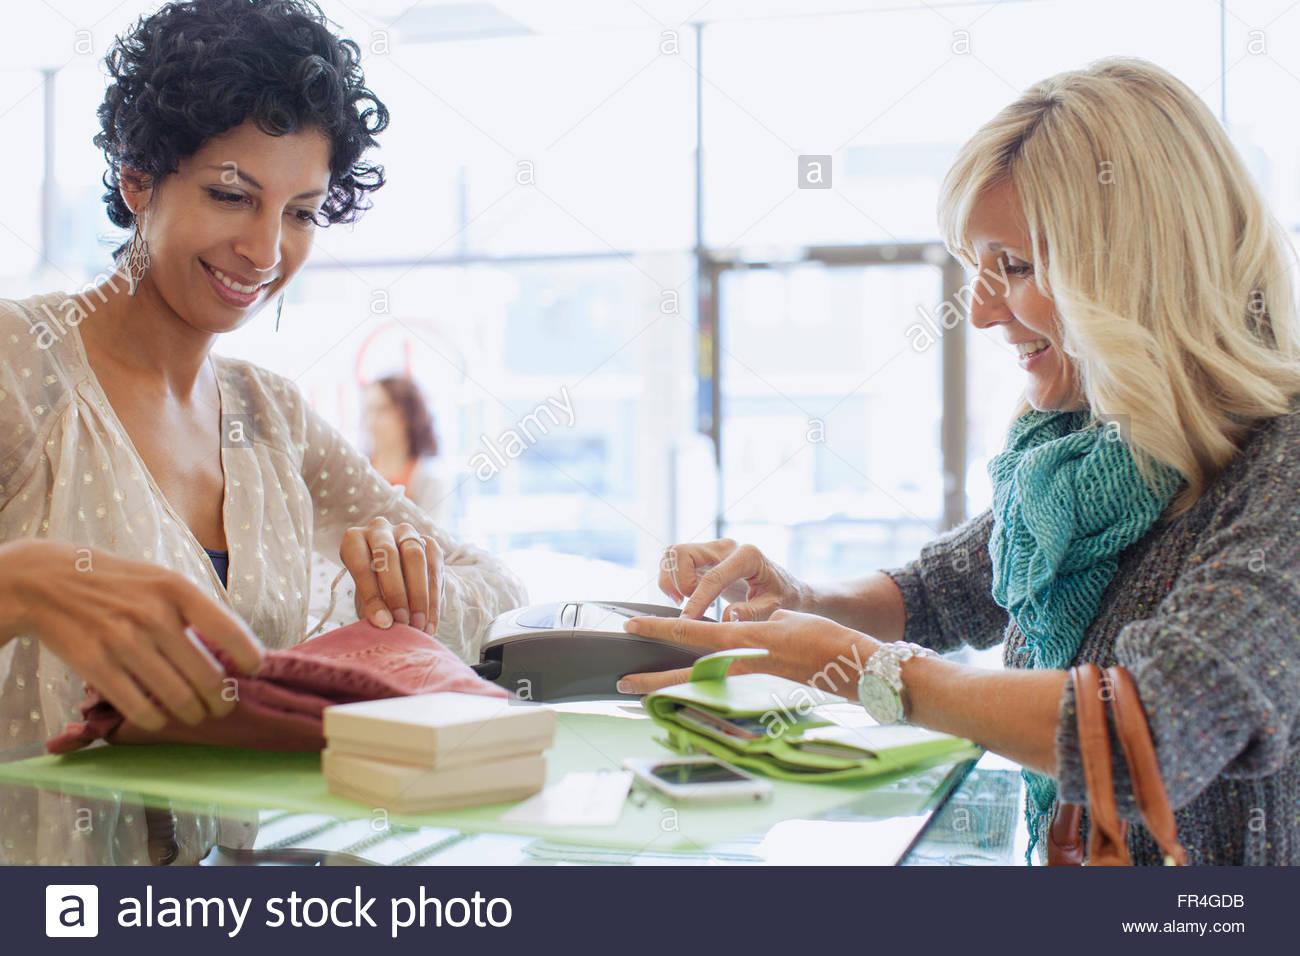 Femme à l'aide de carte de débit pour payer à l'achat. Photo Stock